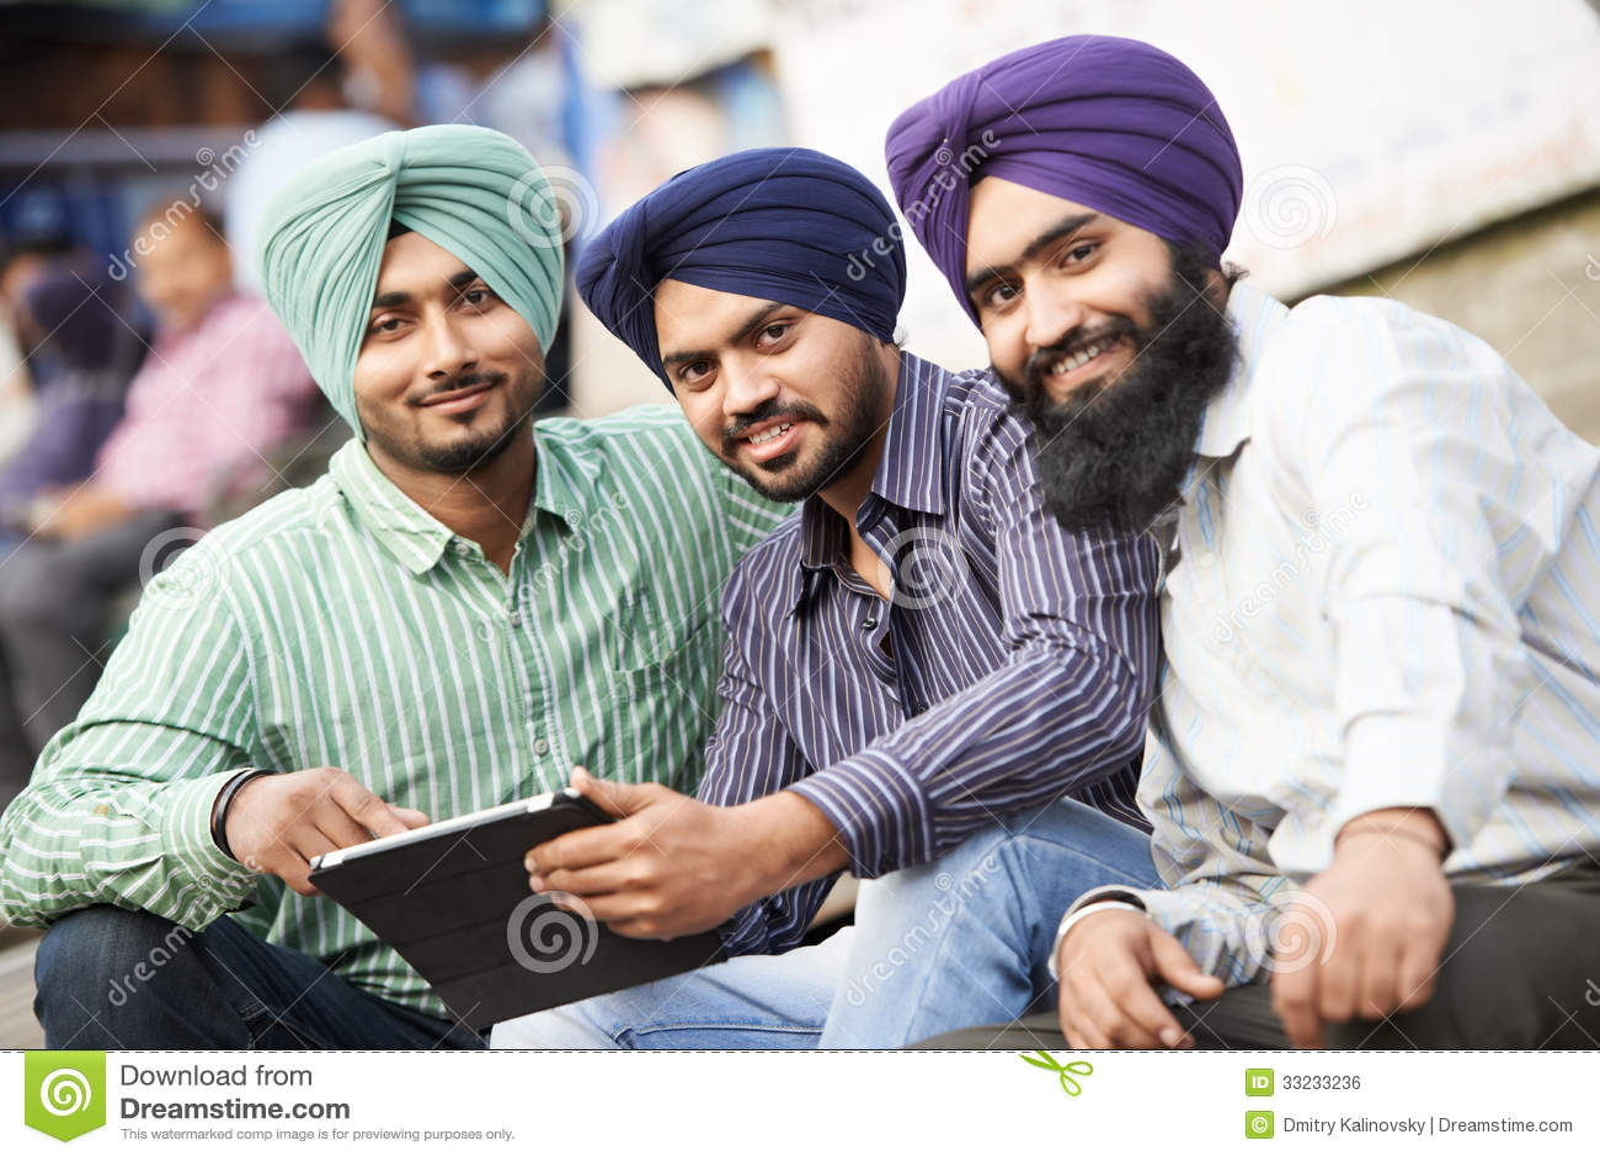 Sikh Punjabi Sardar Playing Dhol And Dancing Bhangra On Holiday Like Lohri Or Vaisakhi Cartoon